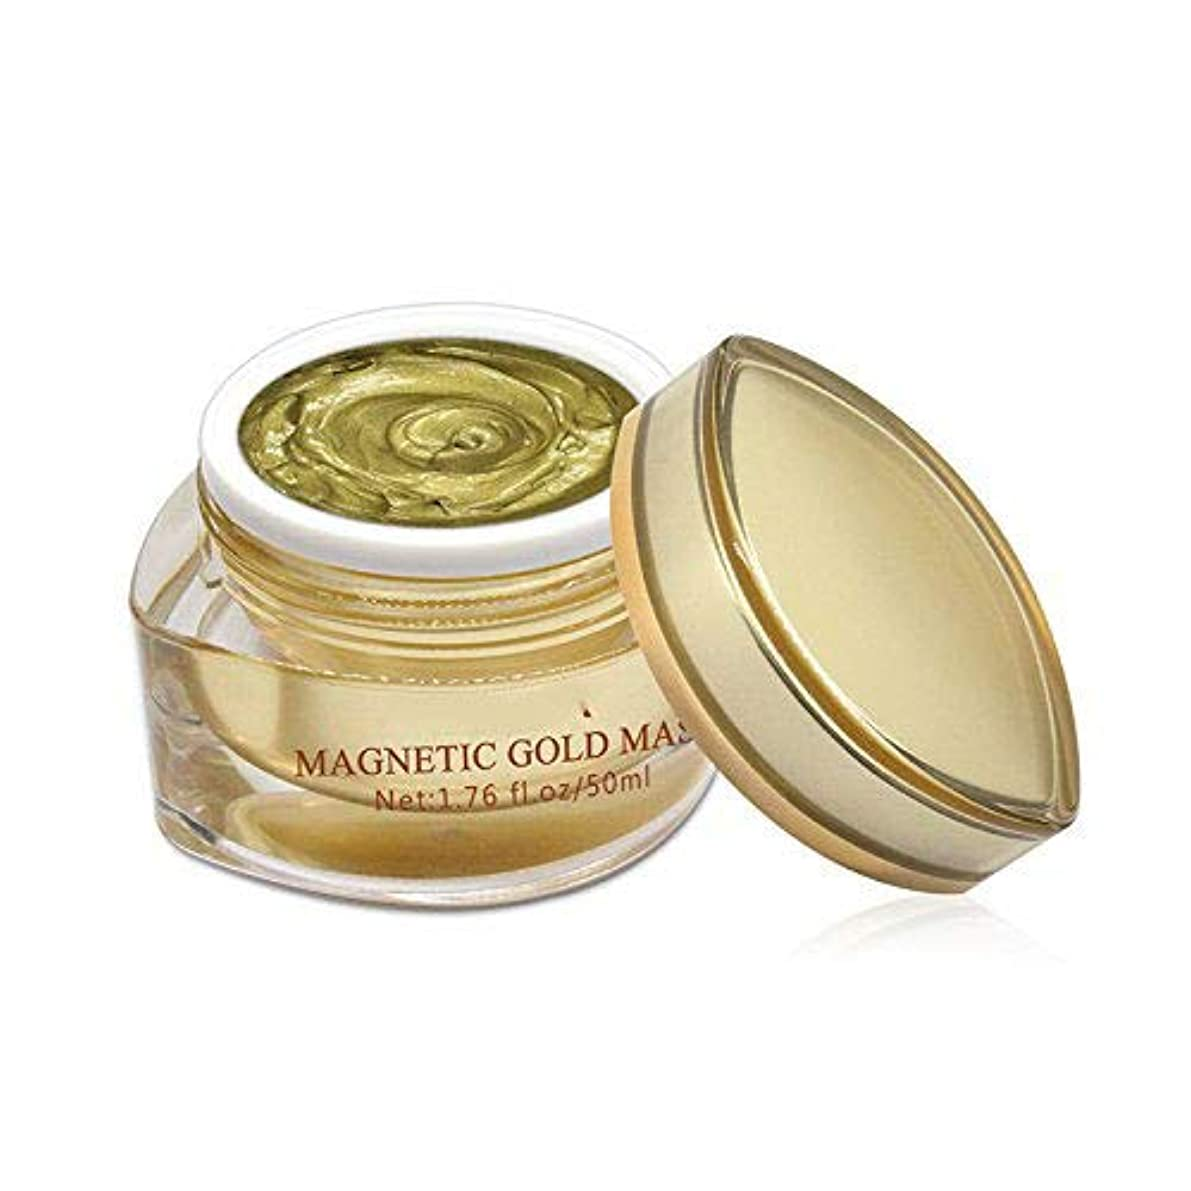 口述するスピーカー意図するマスククリーム マグネットマスクゴールドシャイン磁気フェイスマスクミネラルリッチアンチストレスモイスチャライジングアンチエイジングポアクレンジング50 ml